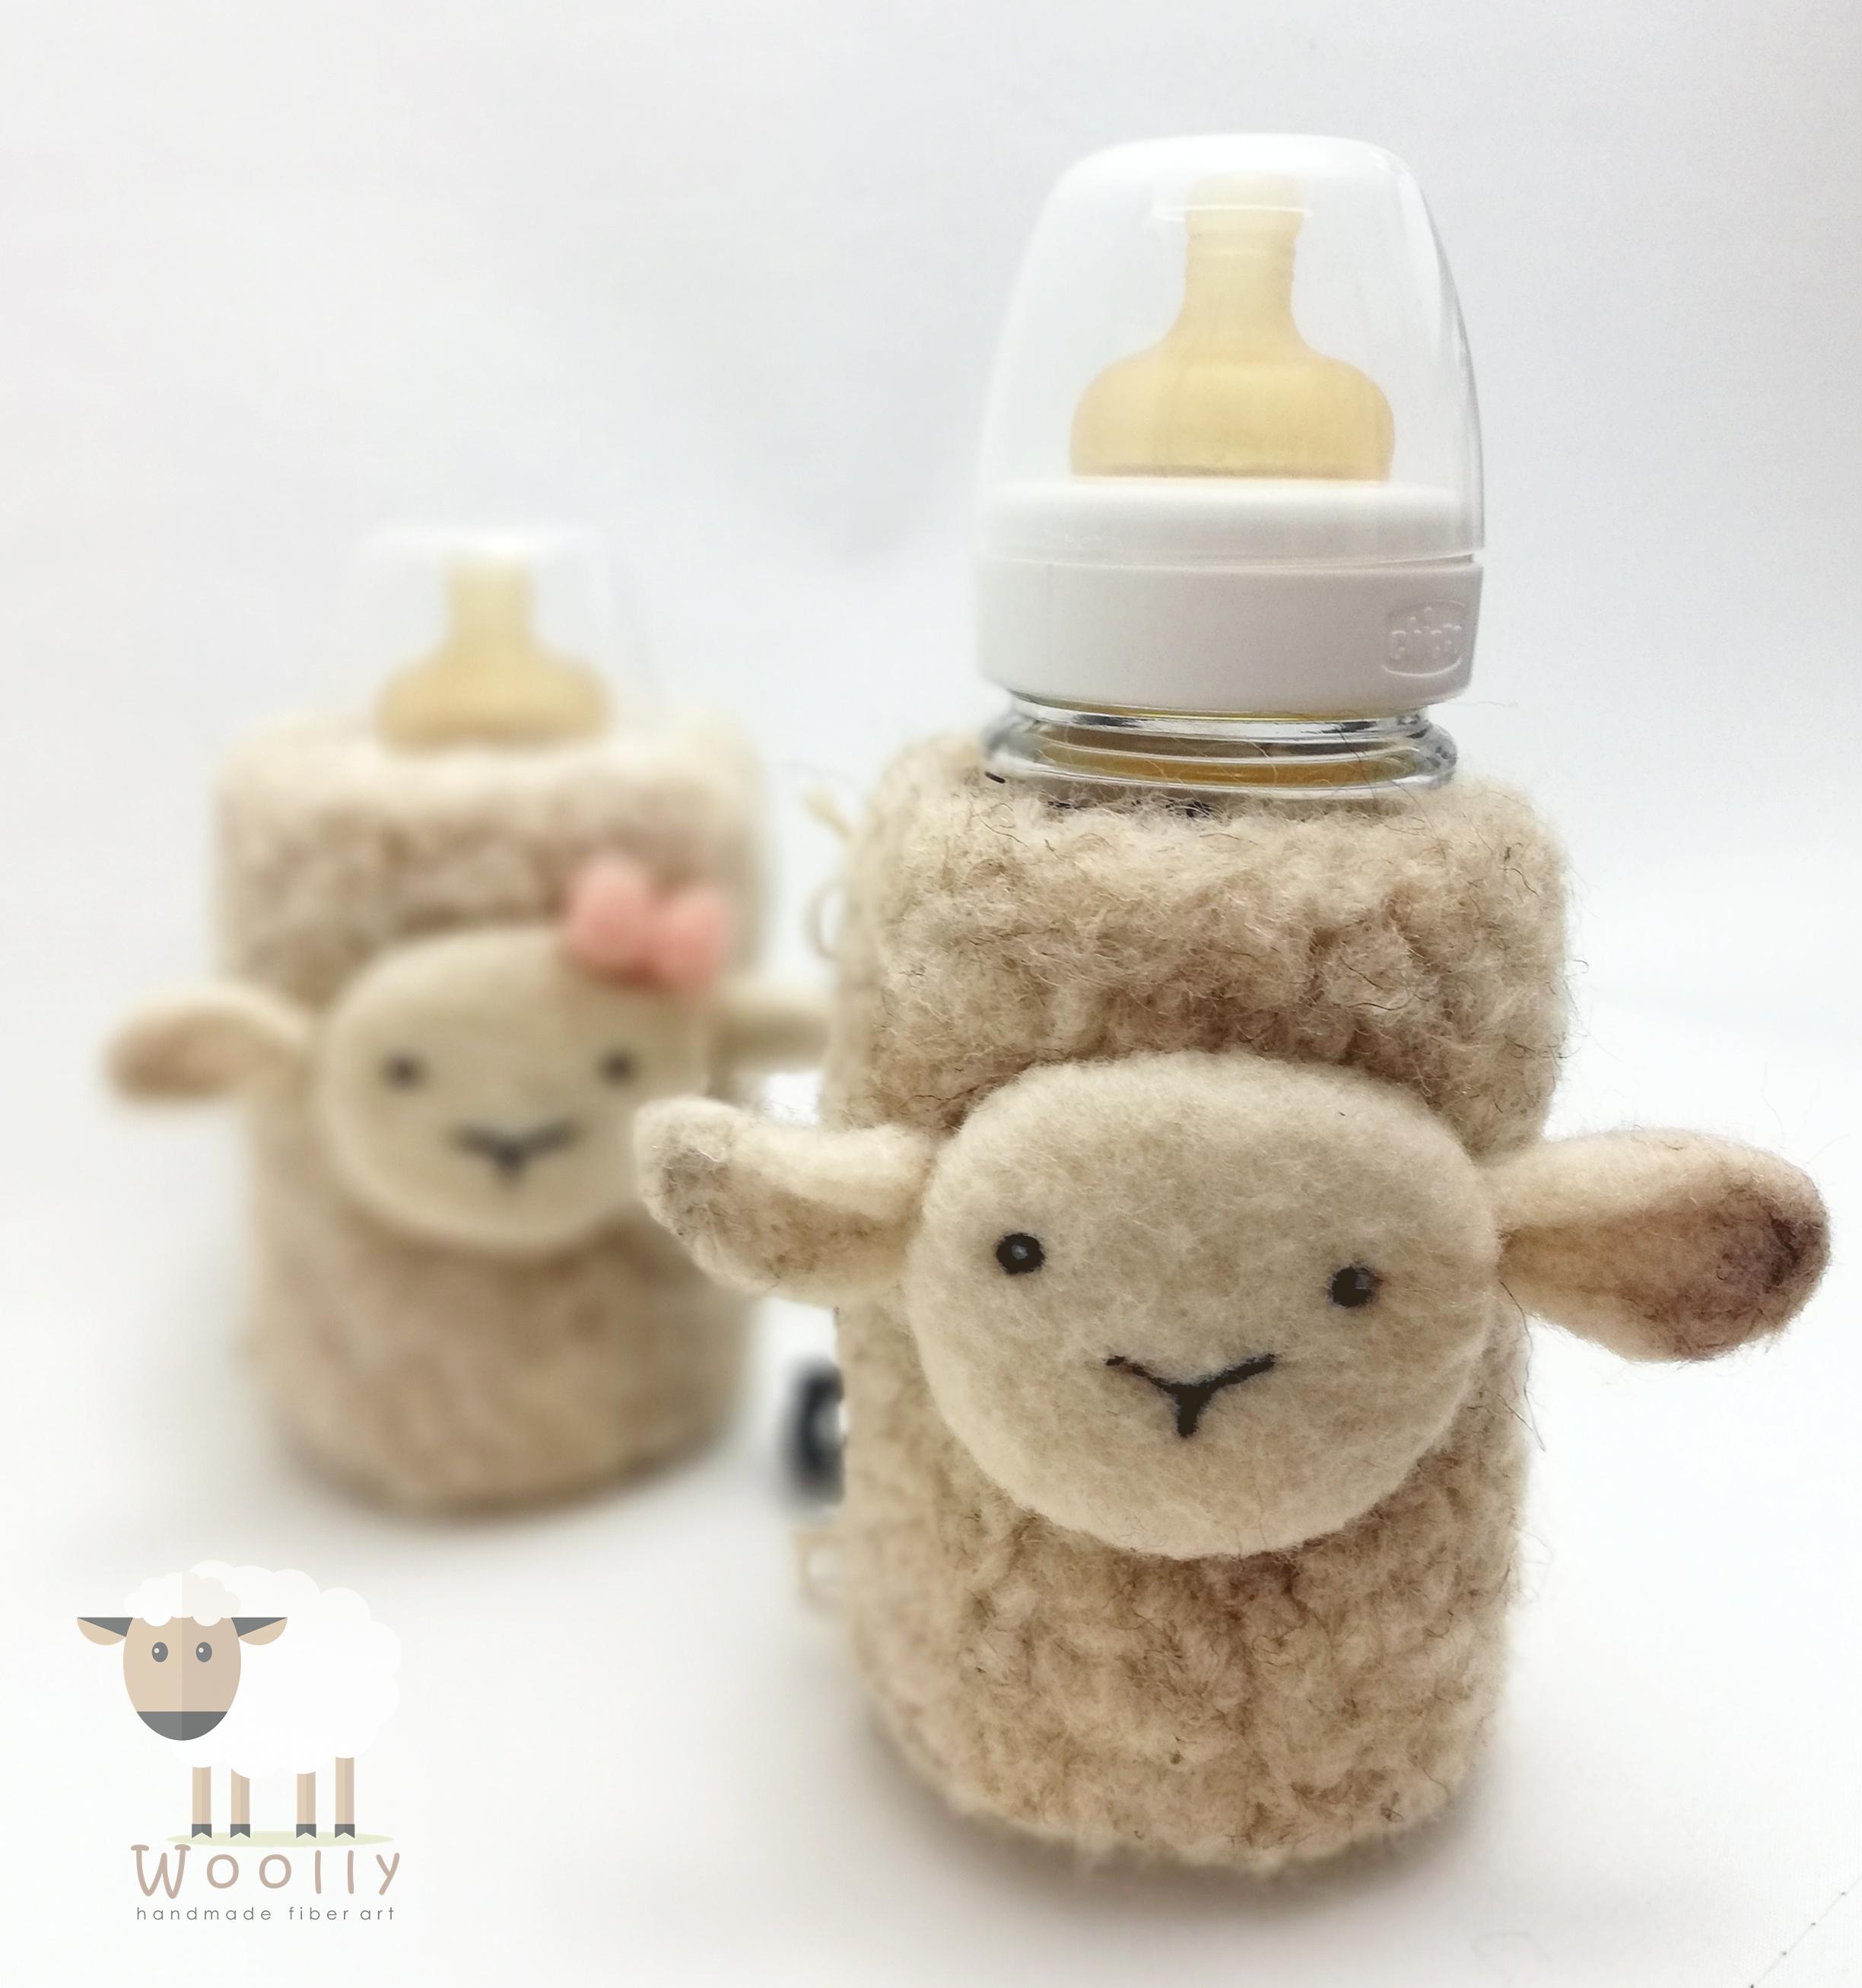 woollytoys_baby_bottle_warmer_5.jpg